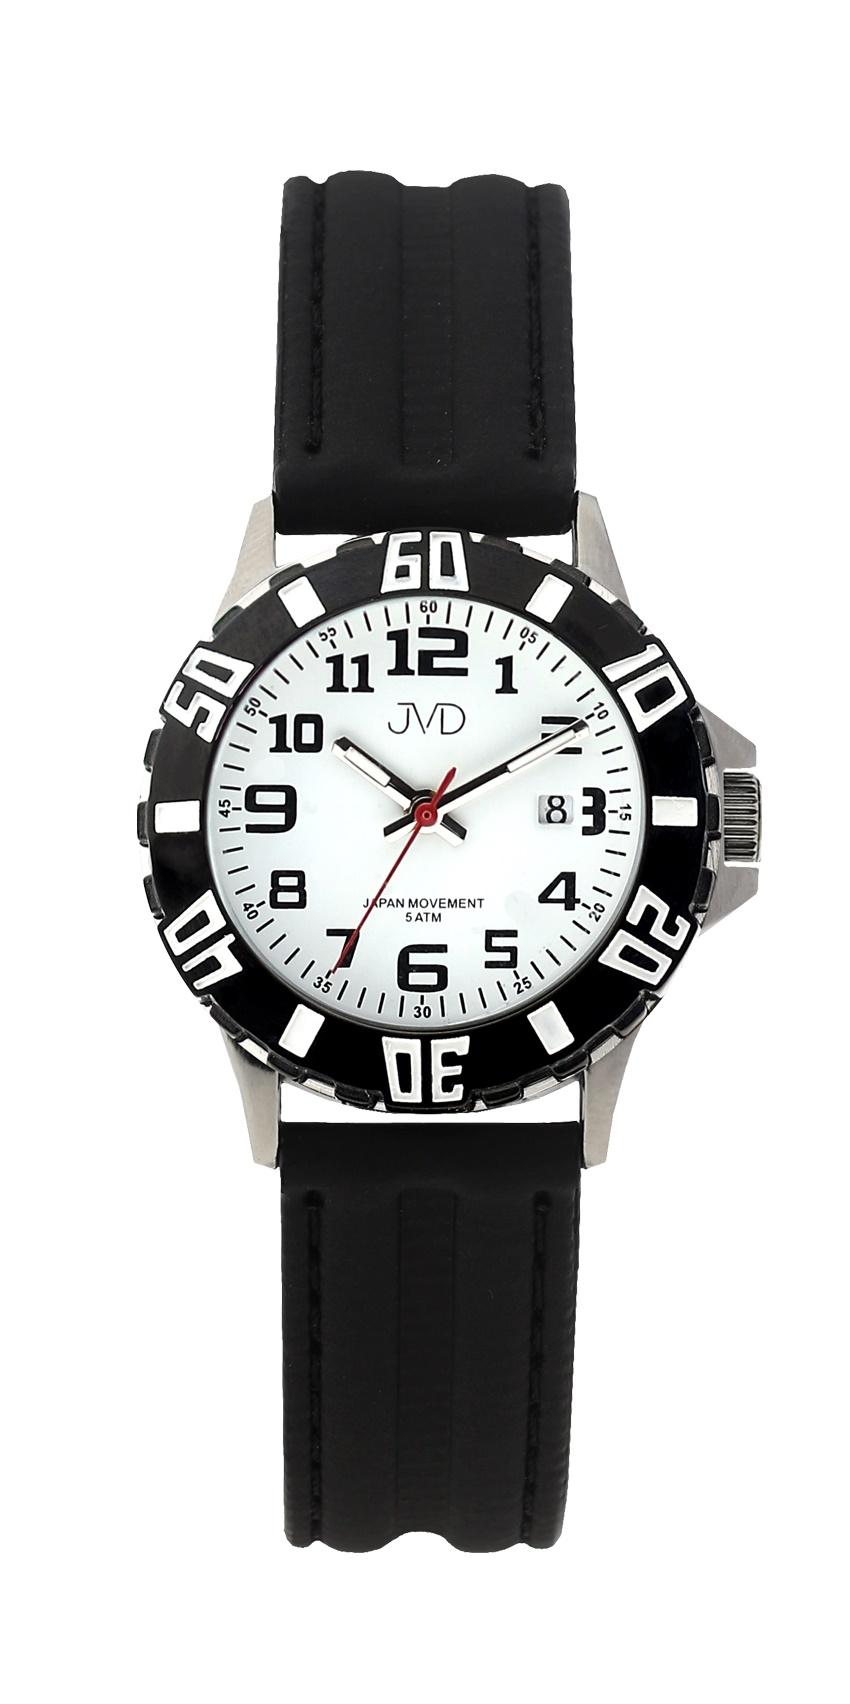 Černé chlapecké vodoodolné dětské náramkové hodinky JVD J7176.2